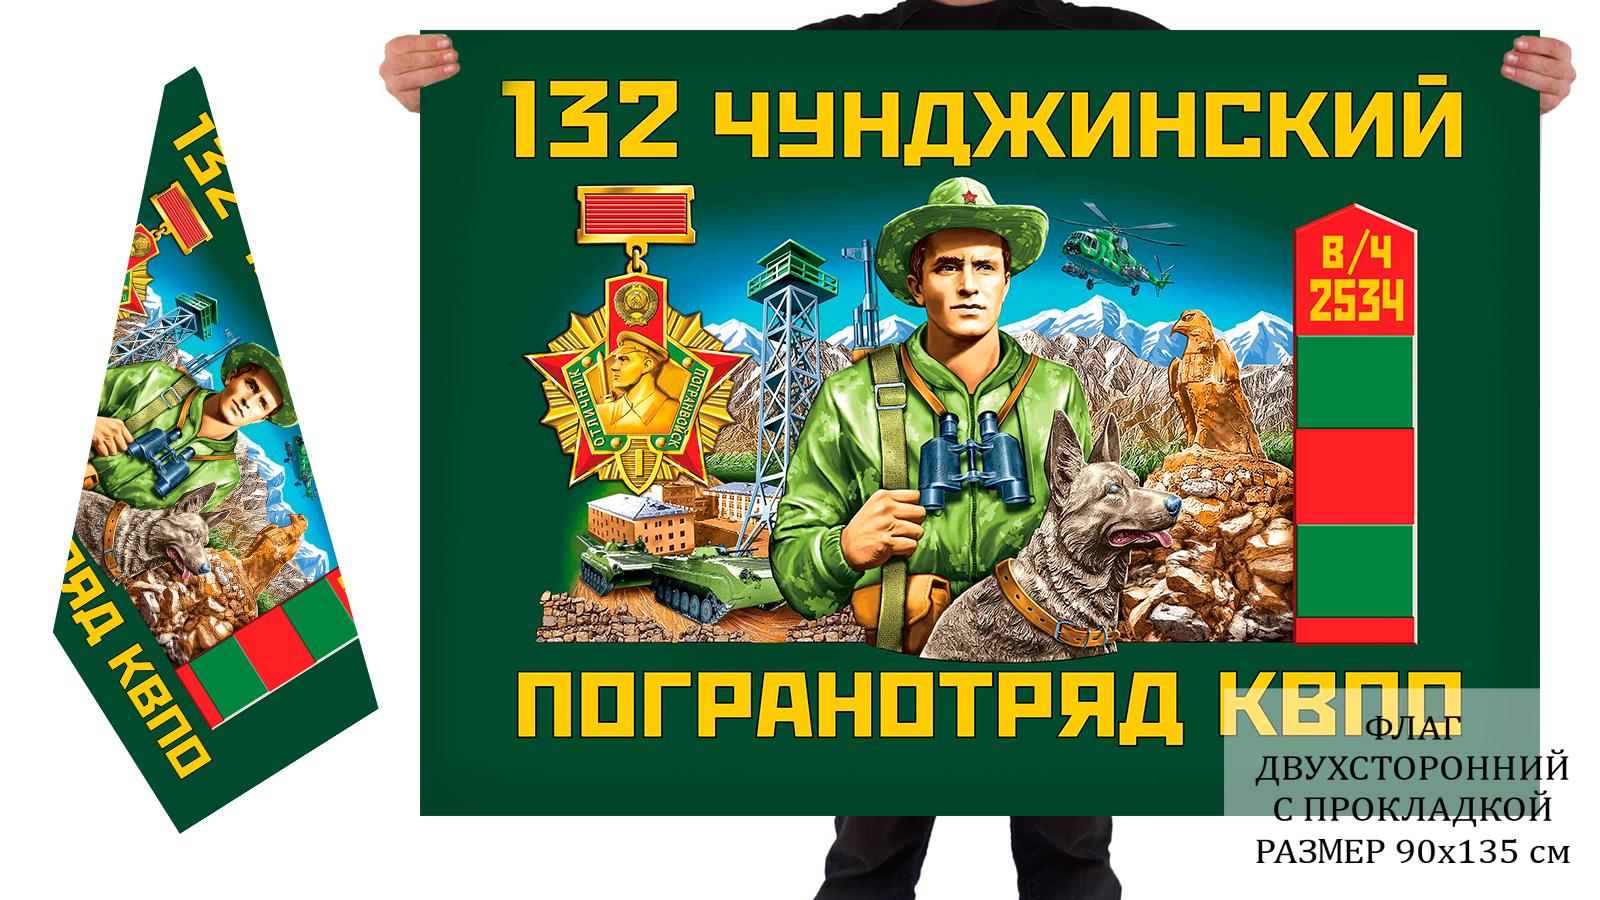 Двусторонний флаг 132 Чунджинского погранотряда